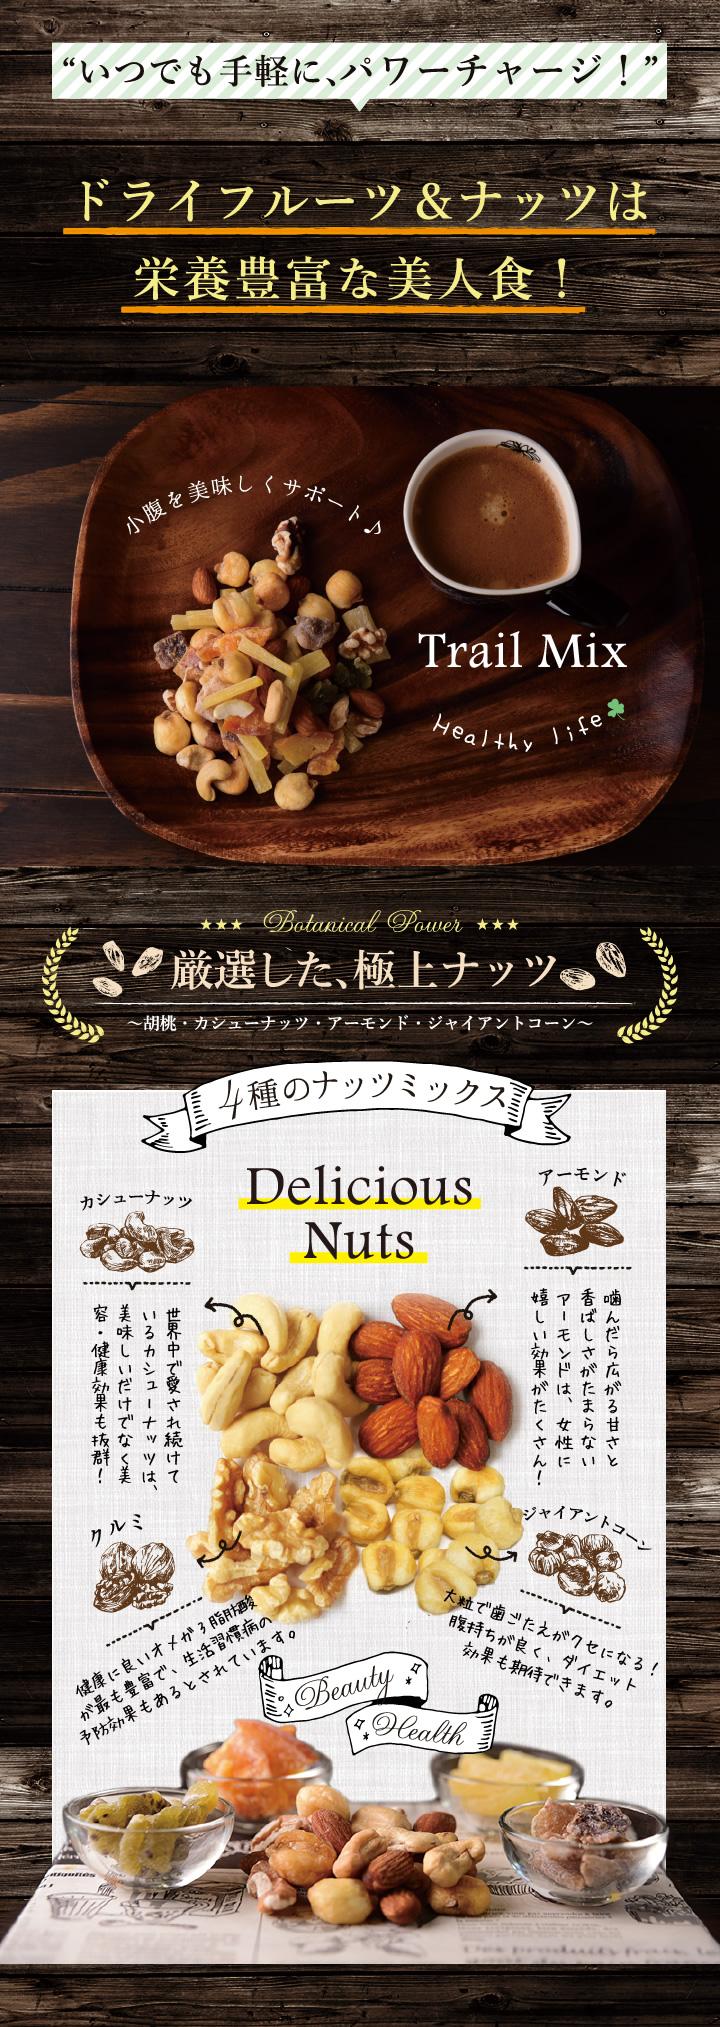 ドライフルーツ&ミックスナッツは栄養豊富な美人食